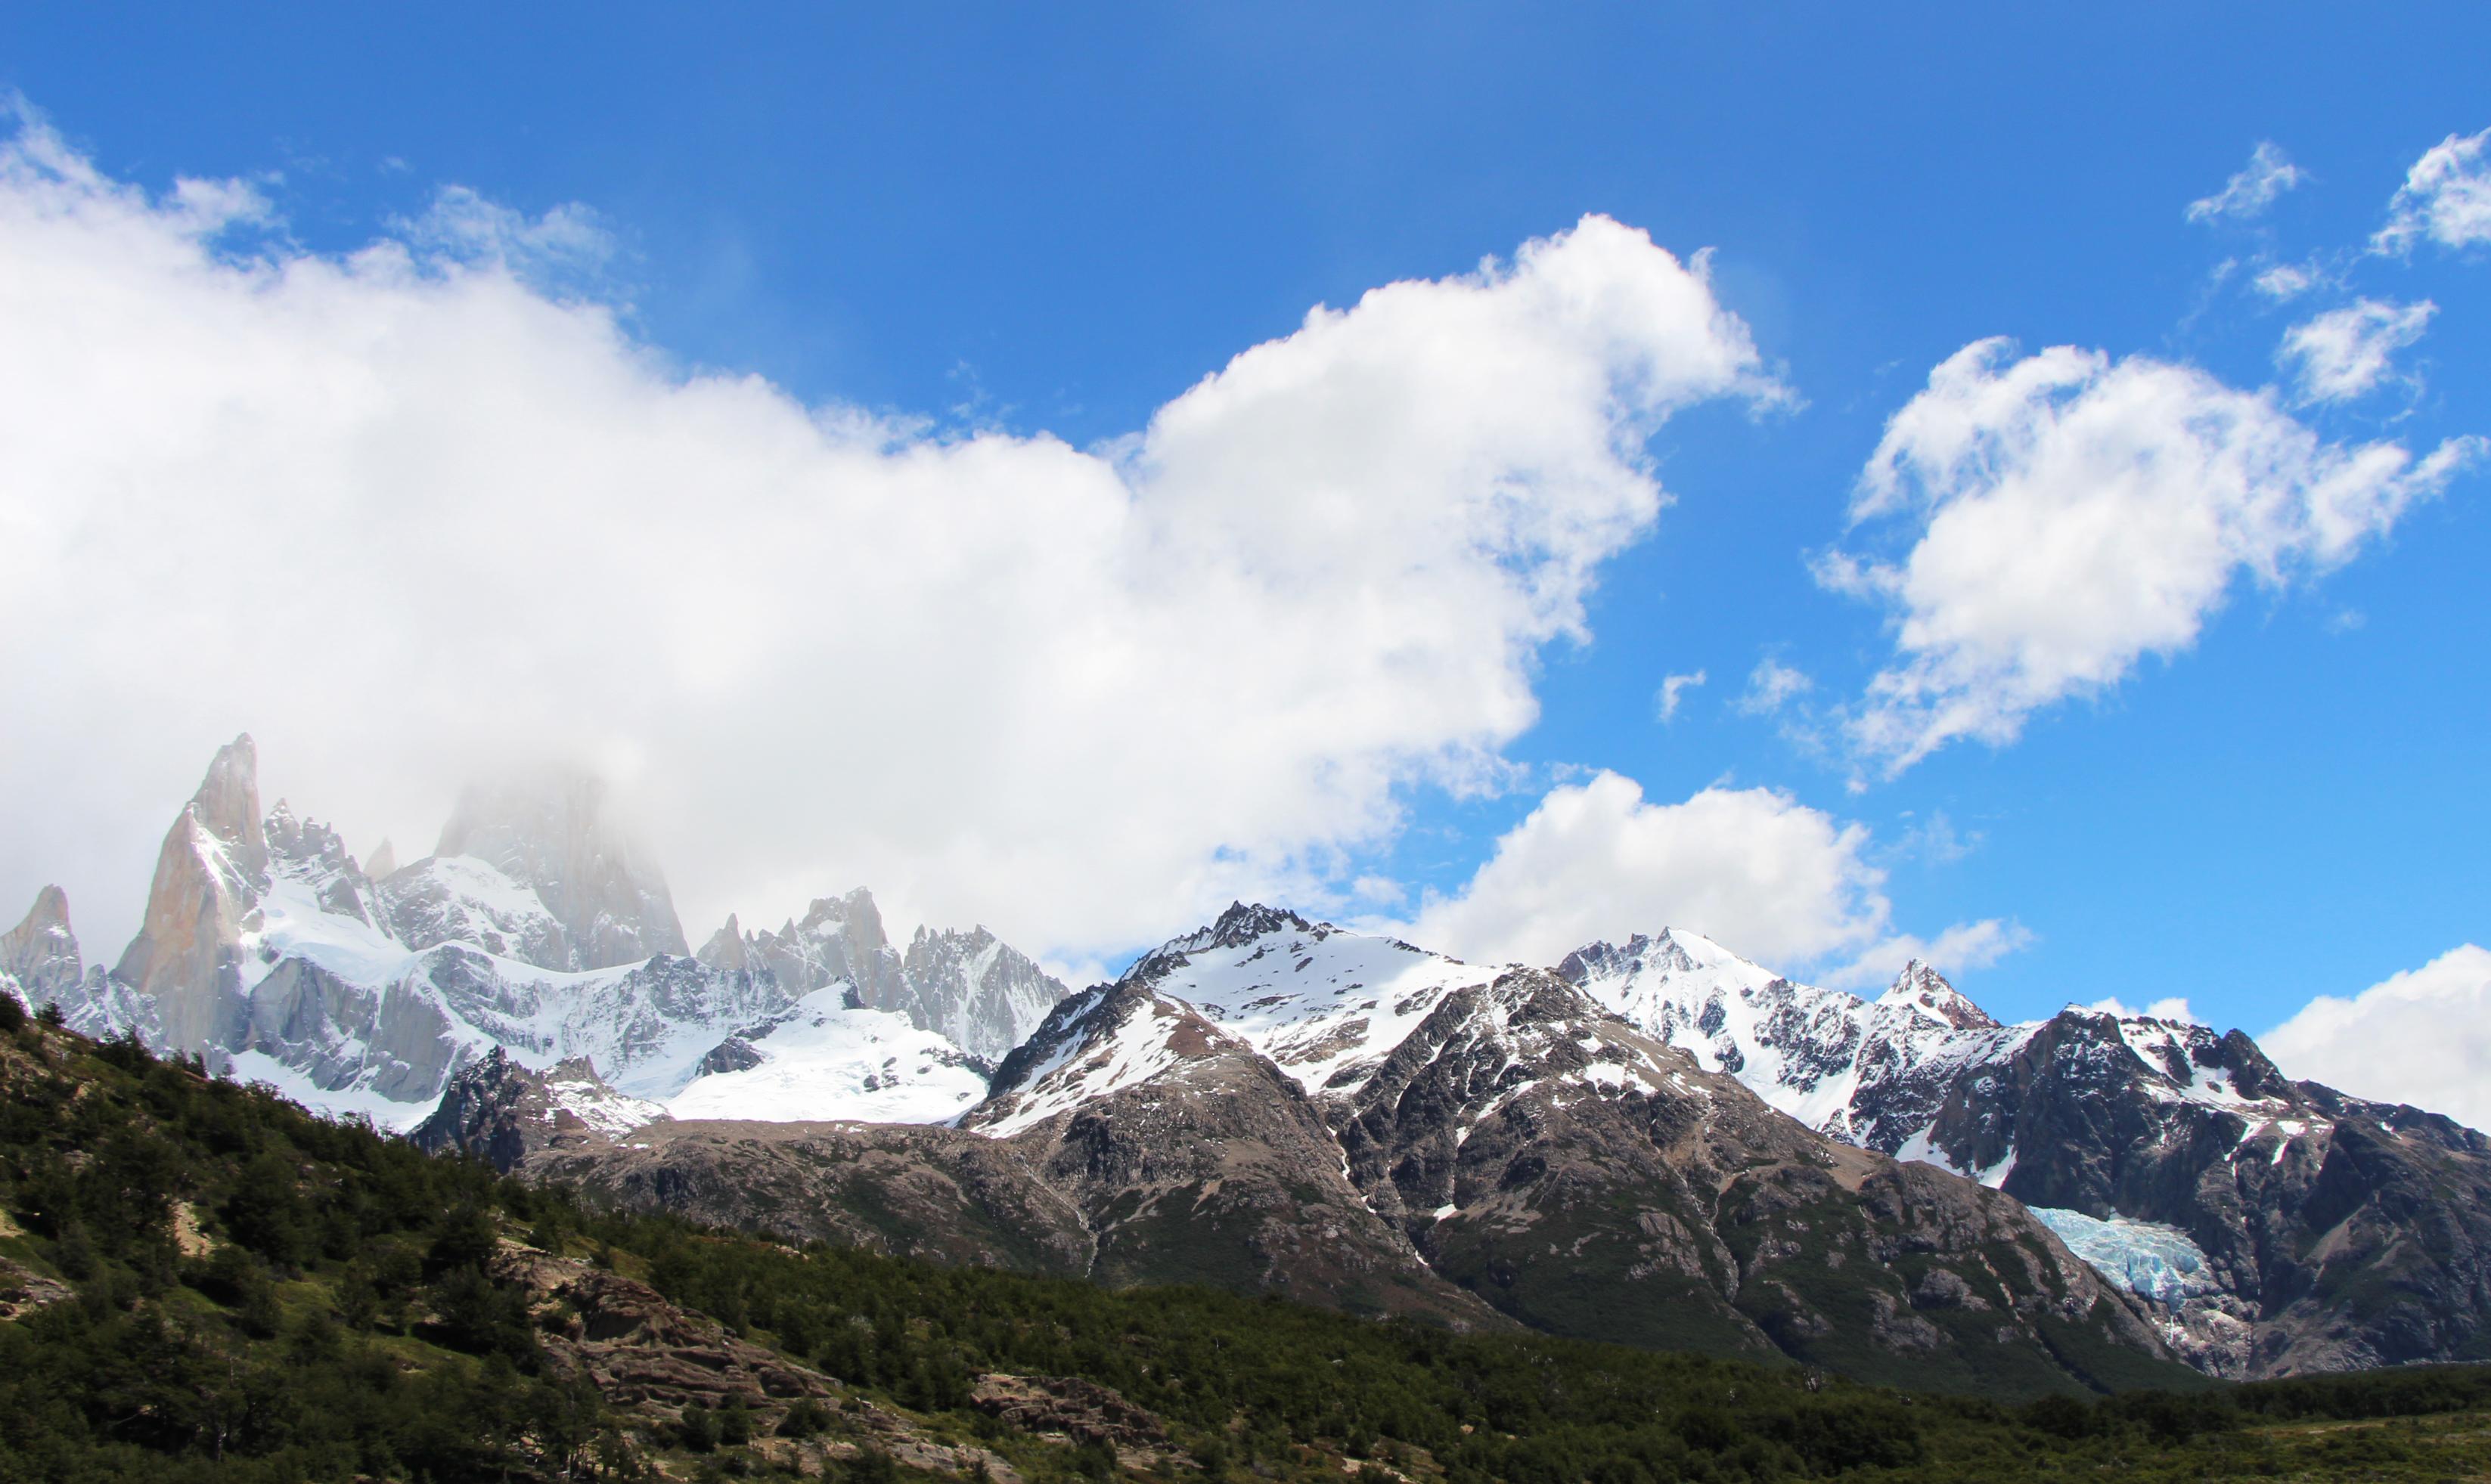 Patagonia Peaks, South America